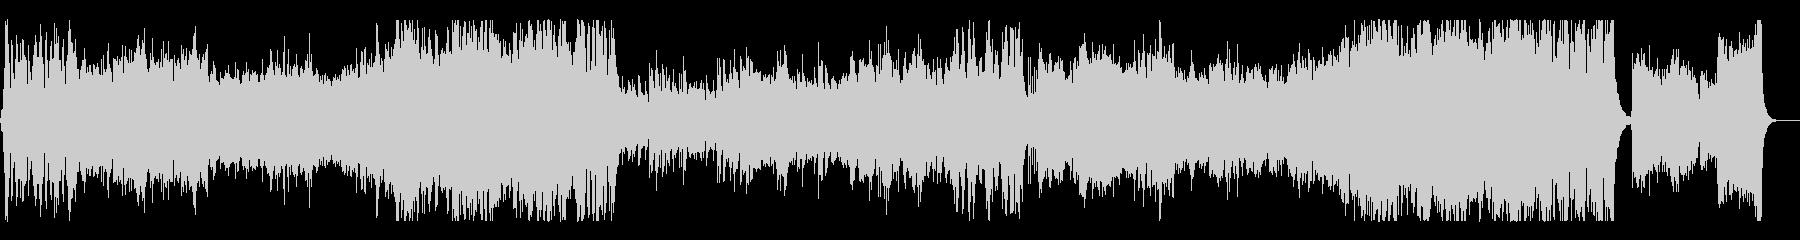 疾走感ある中世ファンタジー系合唱付オケ曲の未再生の波形